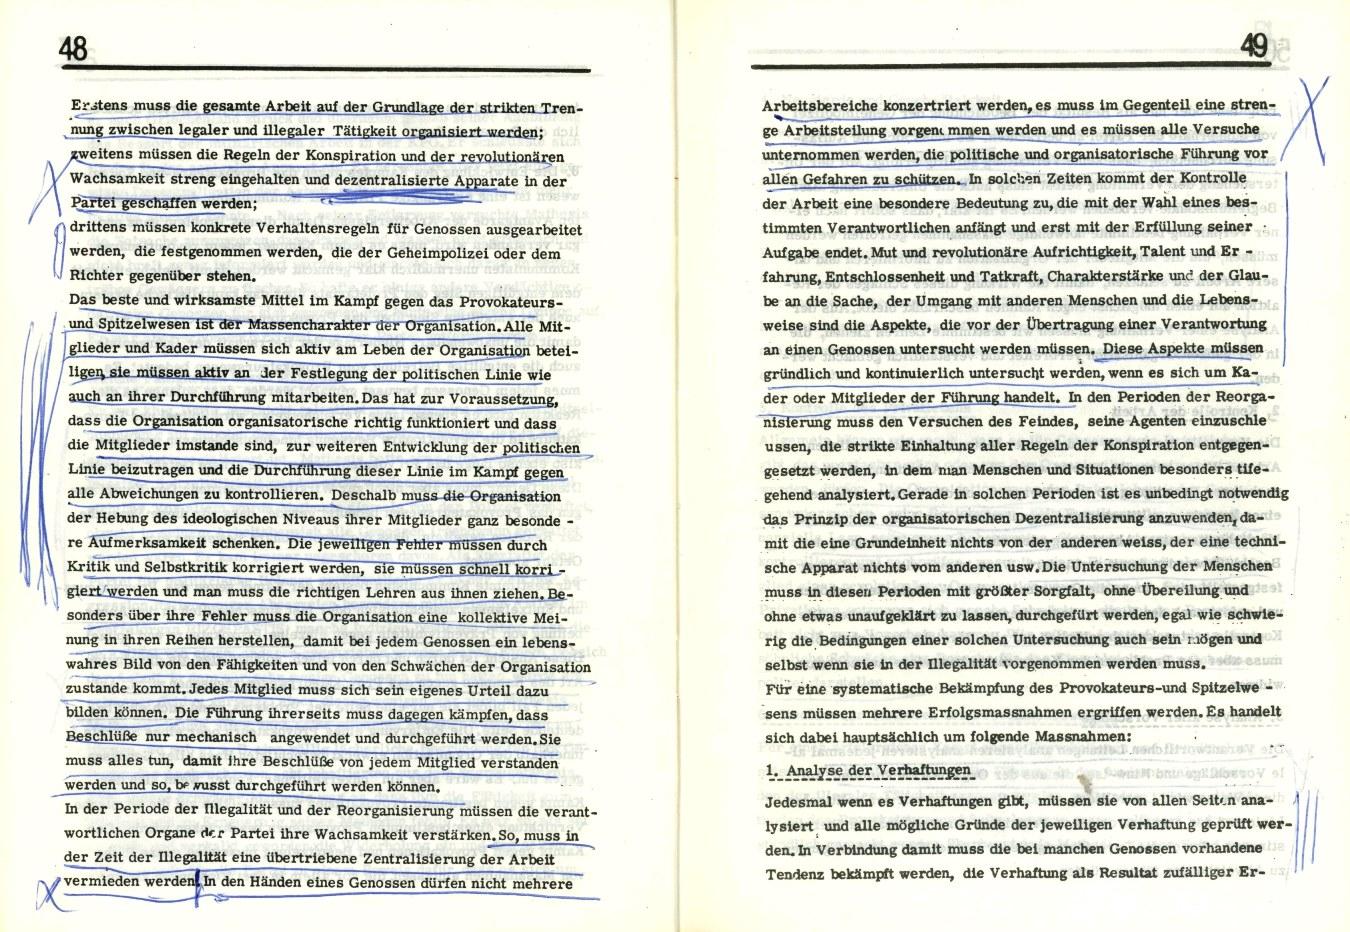 Griechenland_Griechische_ML_1971_Dokumente_01_25